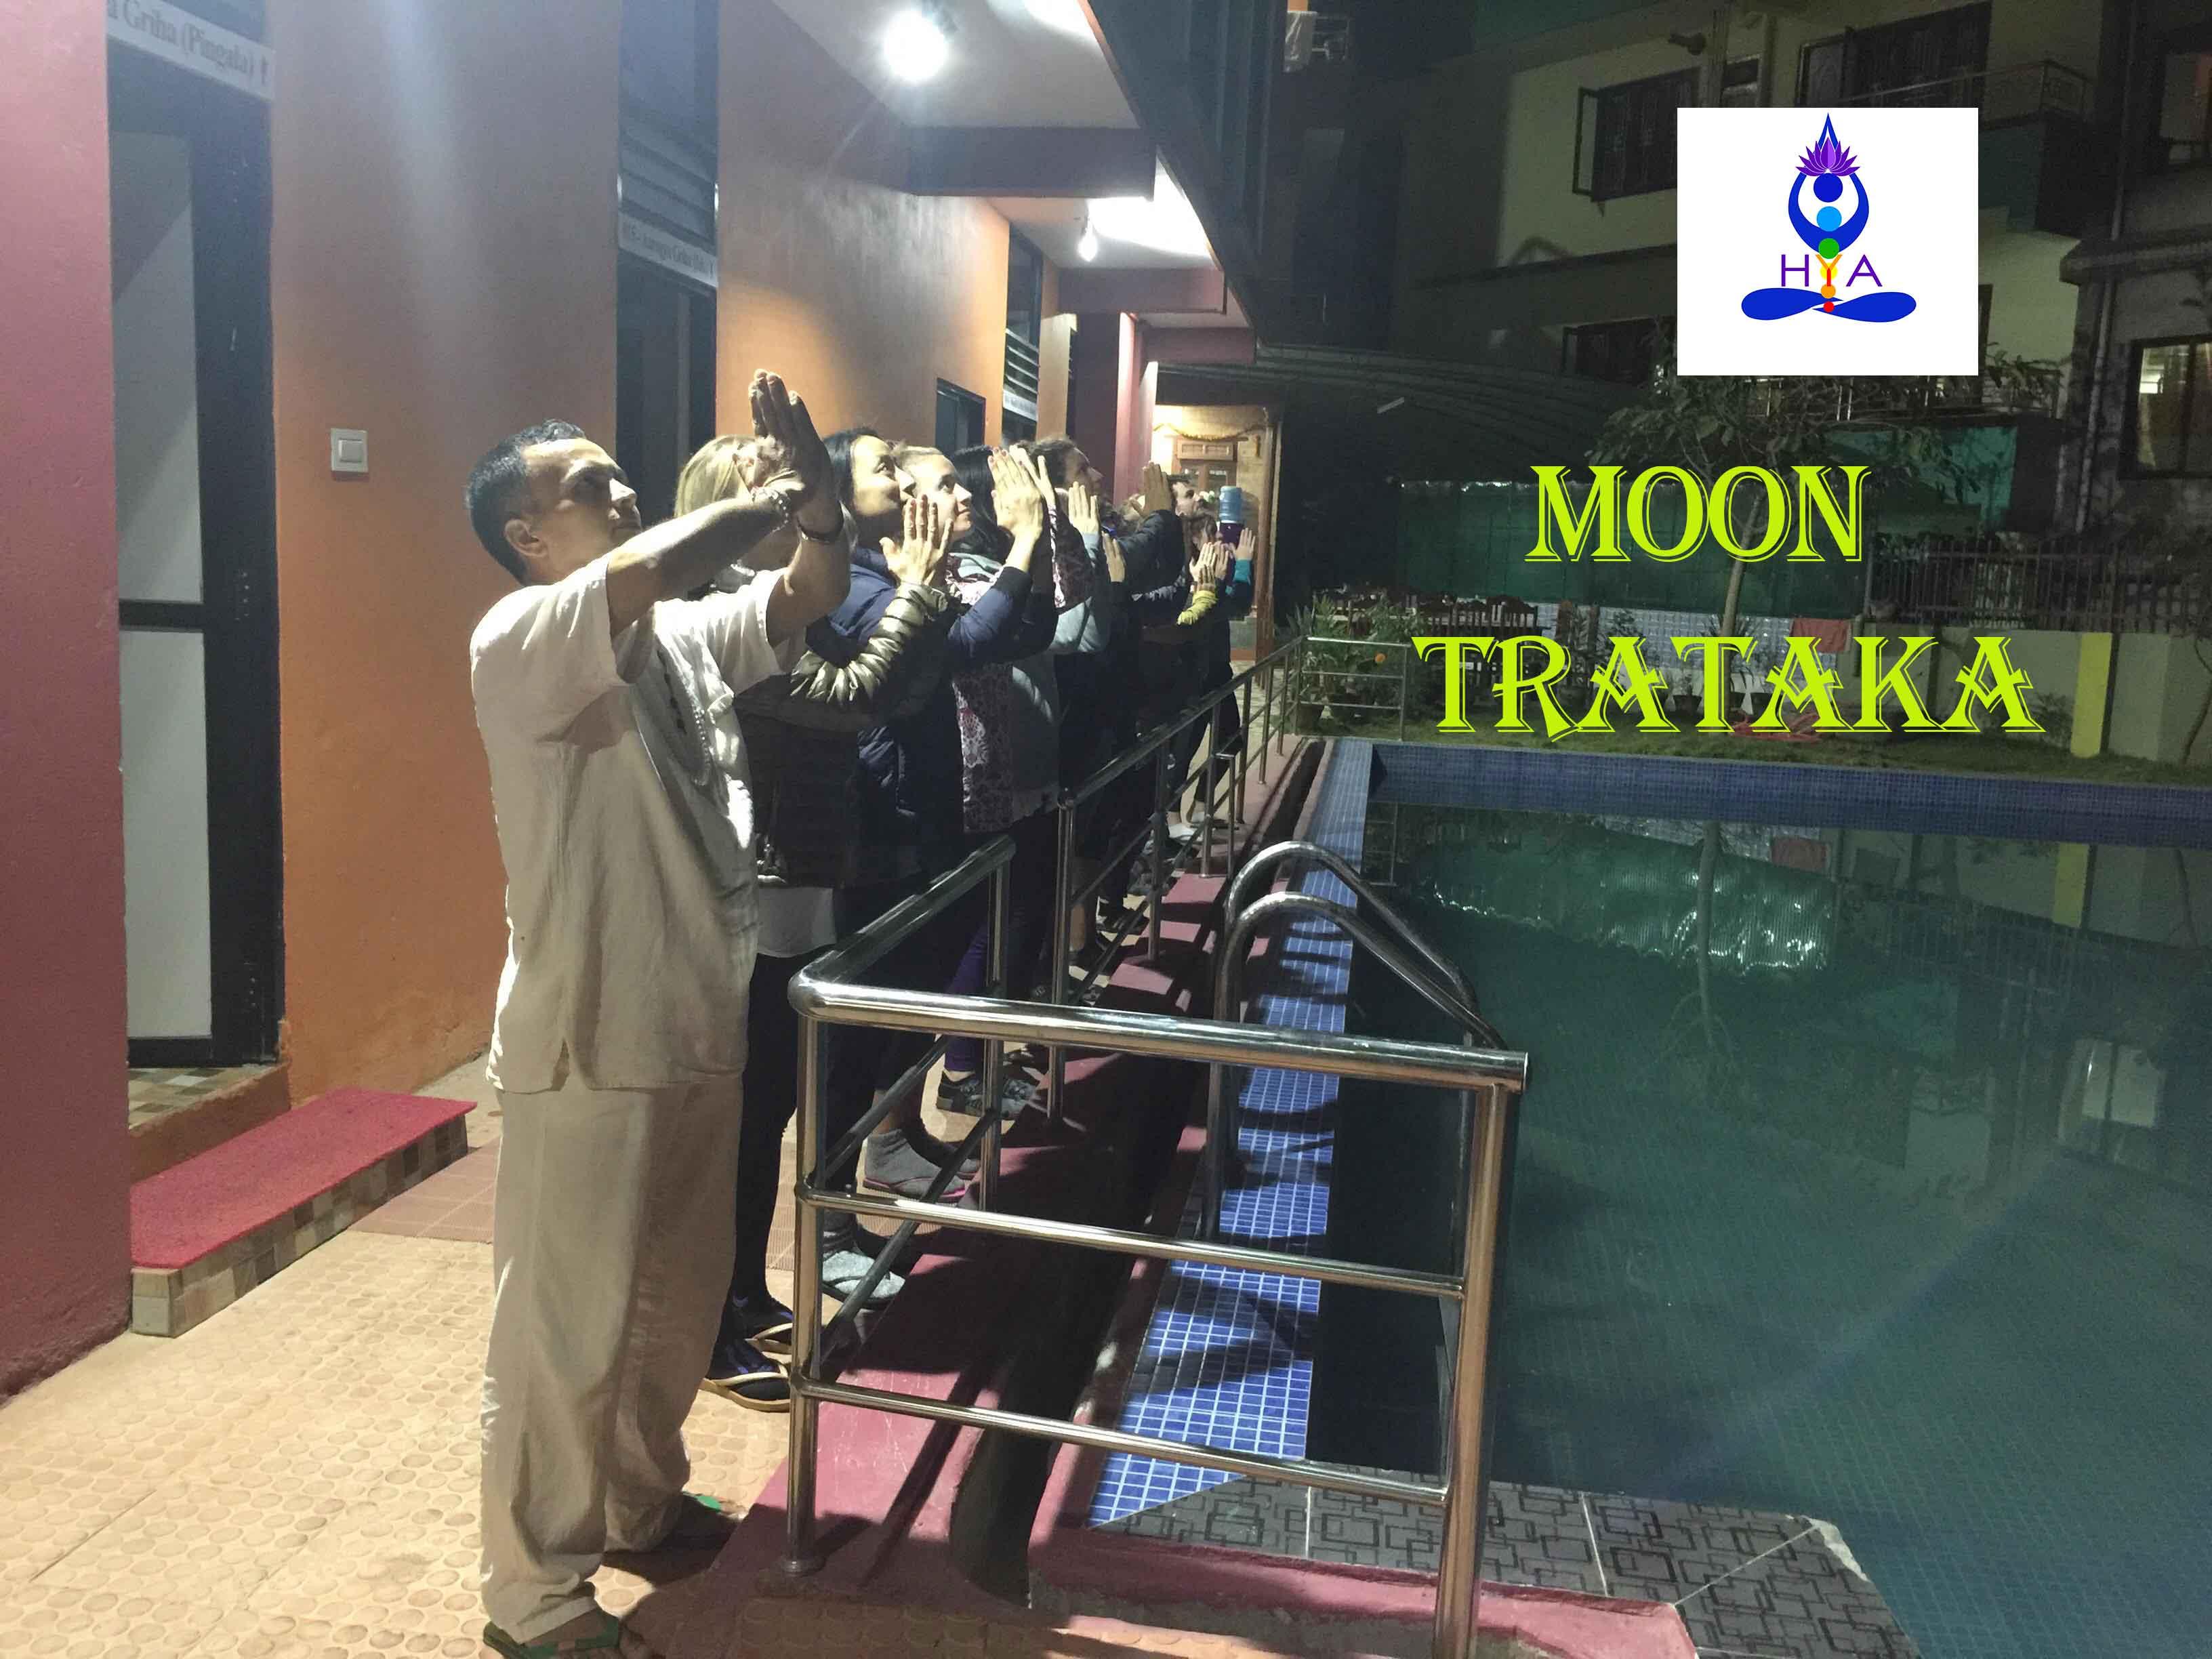 Moon-Trataka